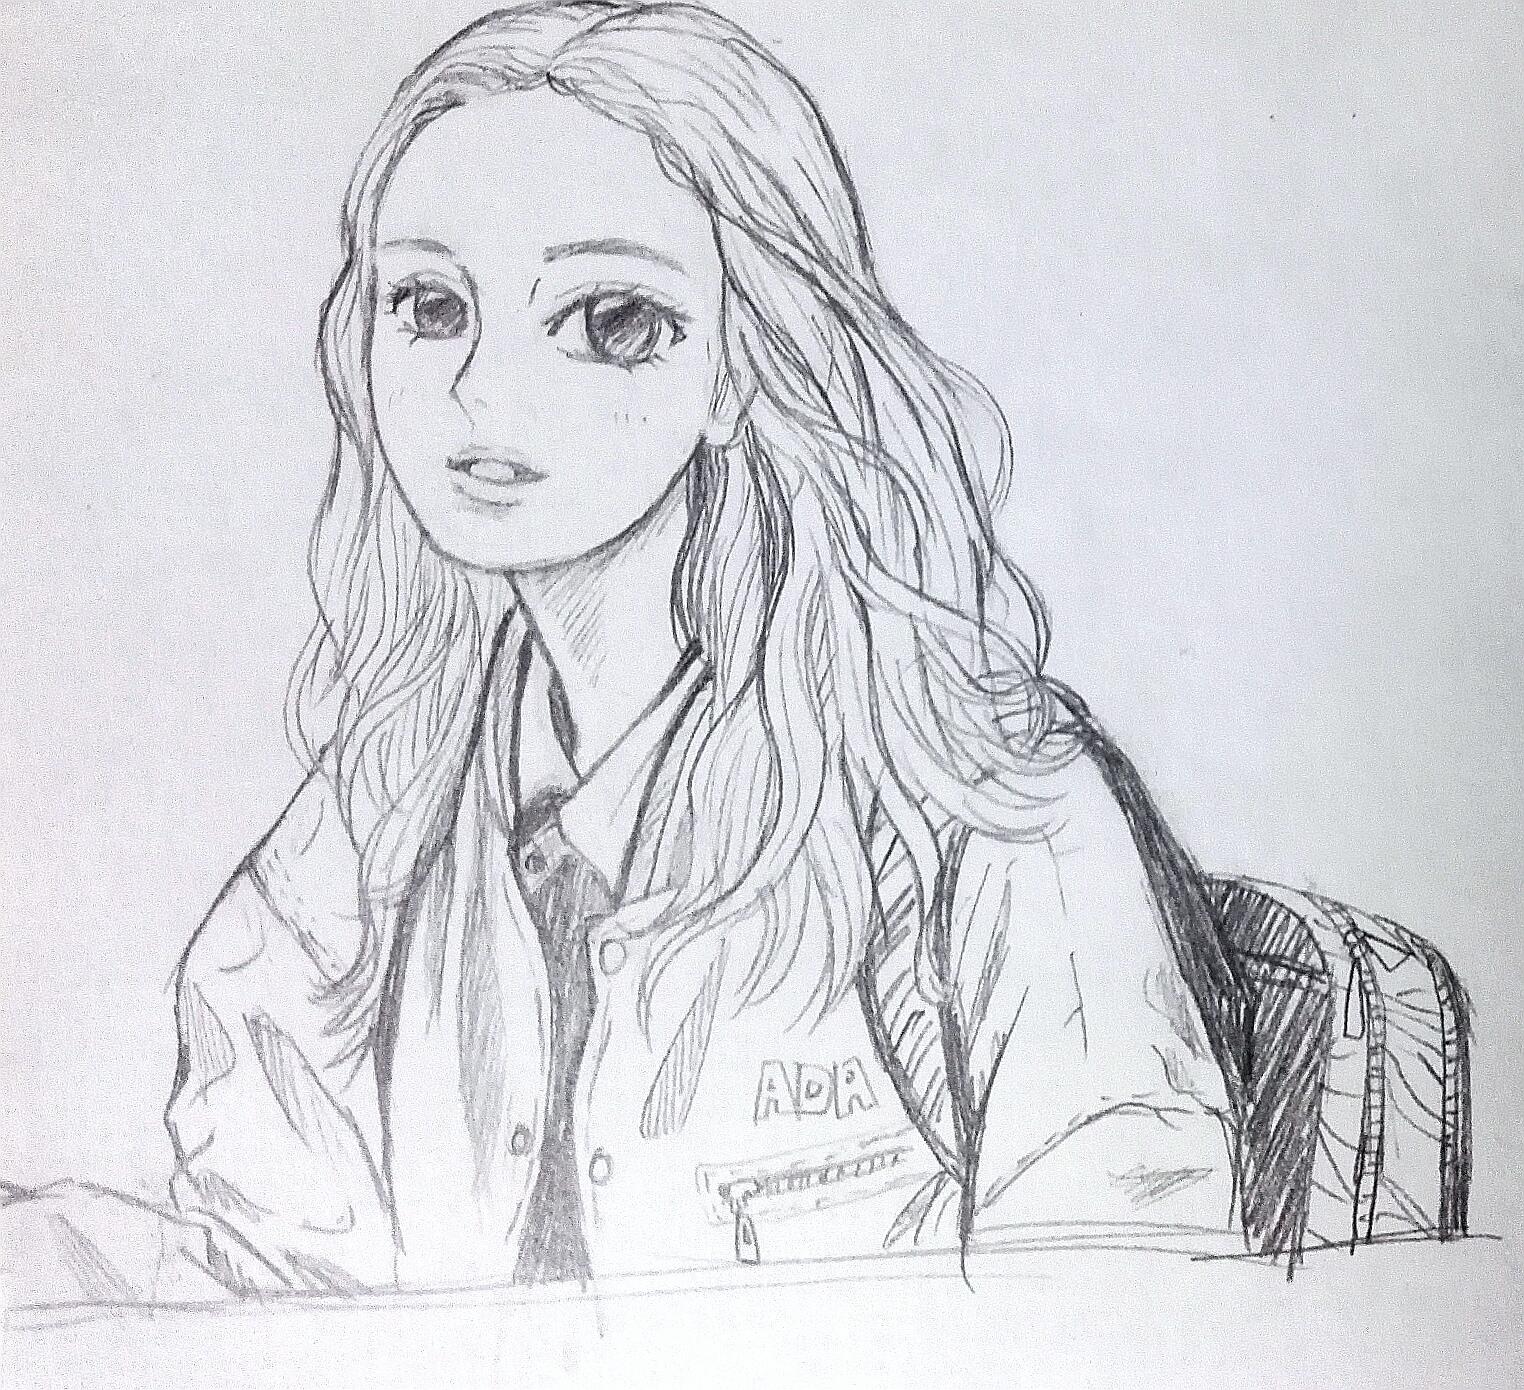 人物 随笔 女生漫画头像